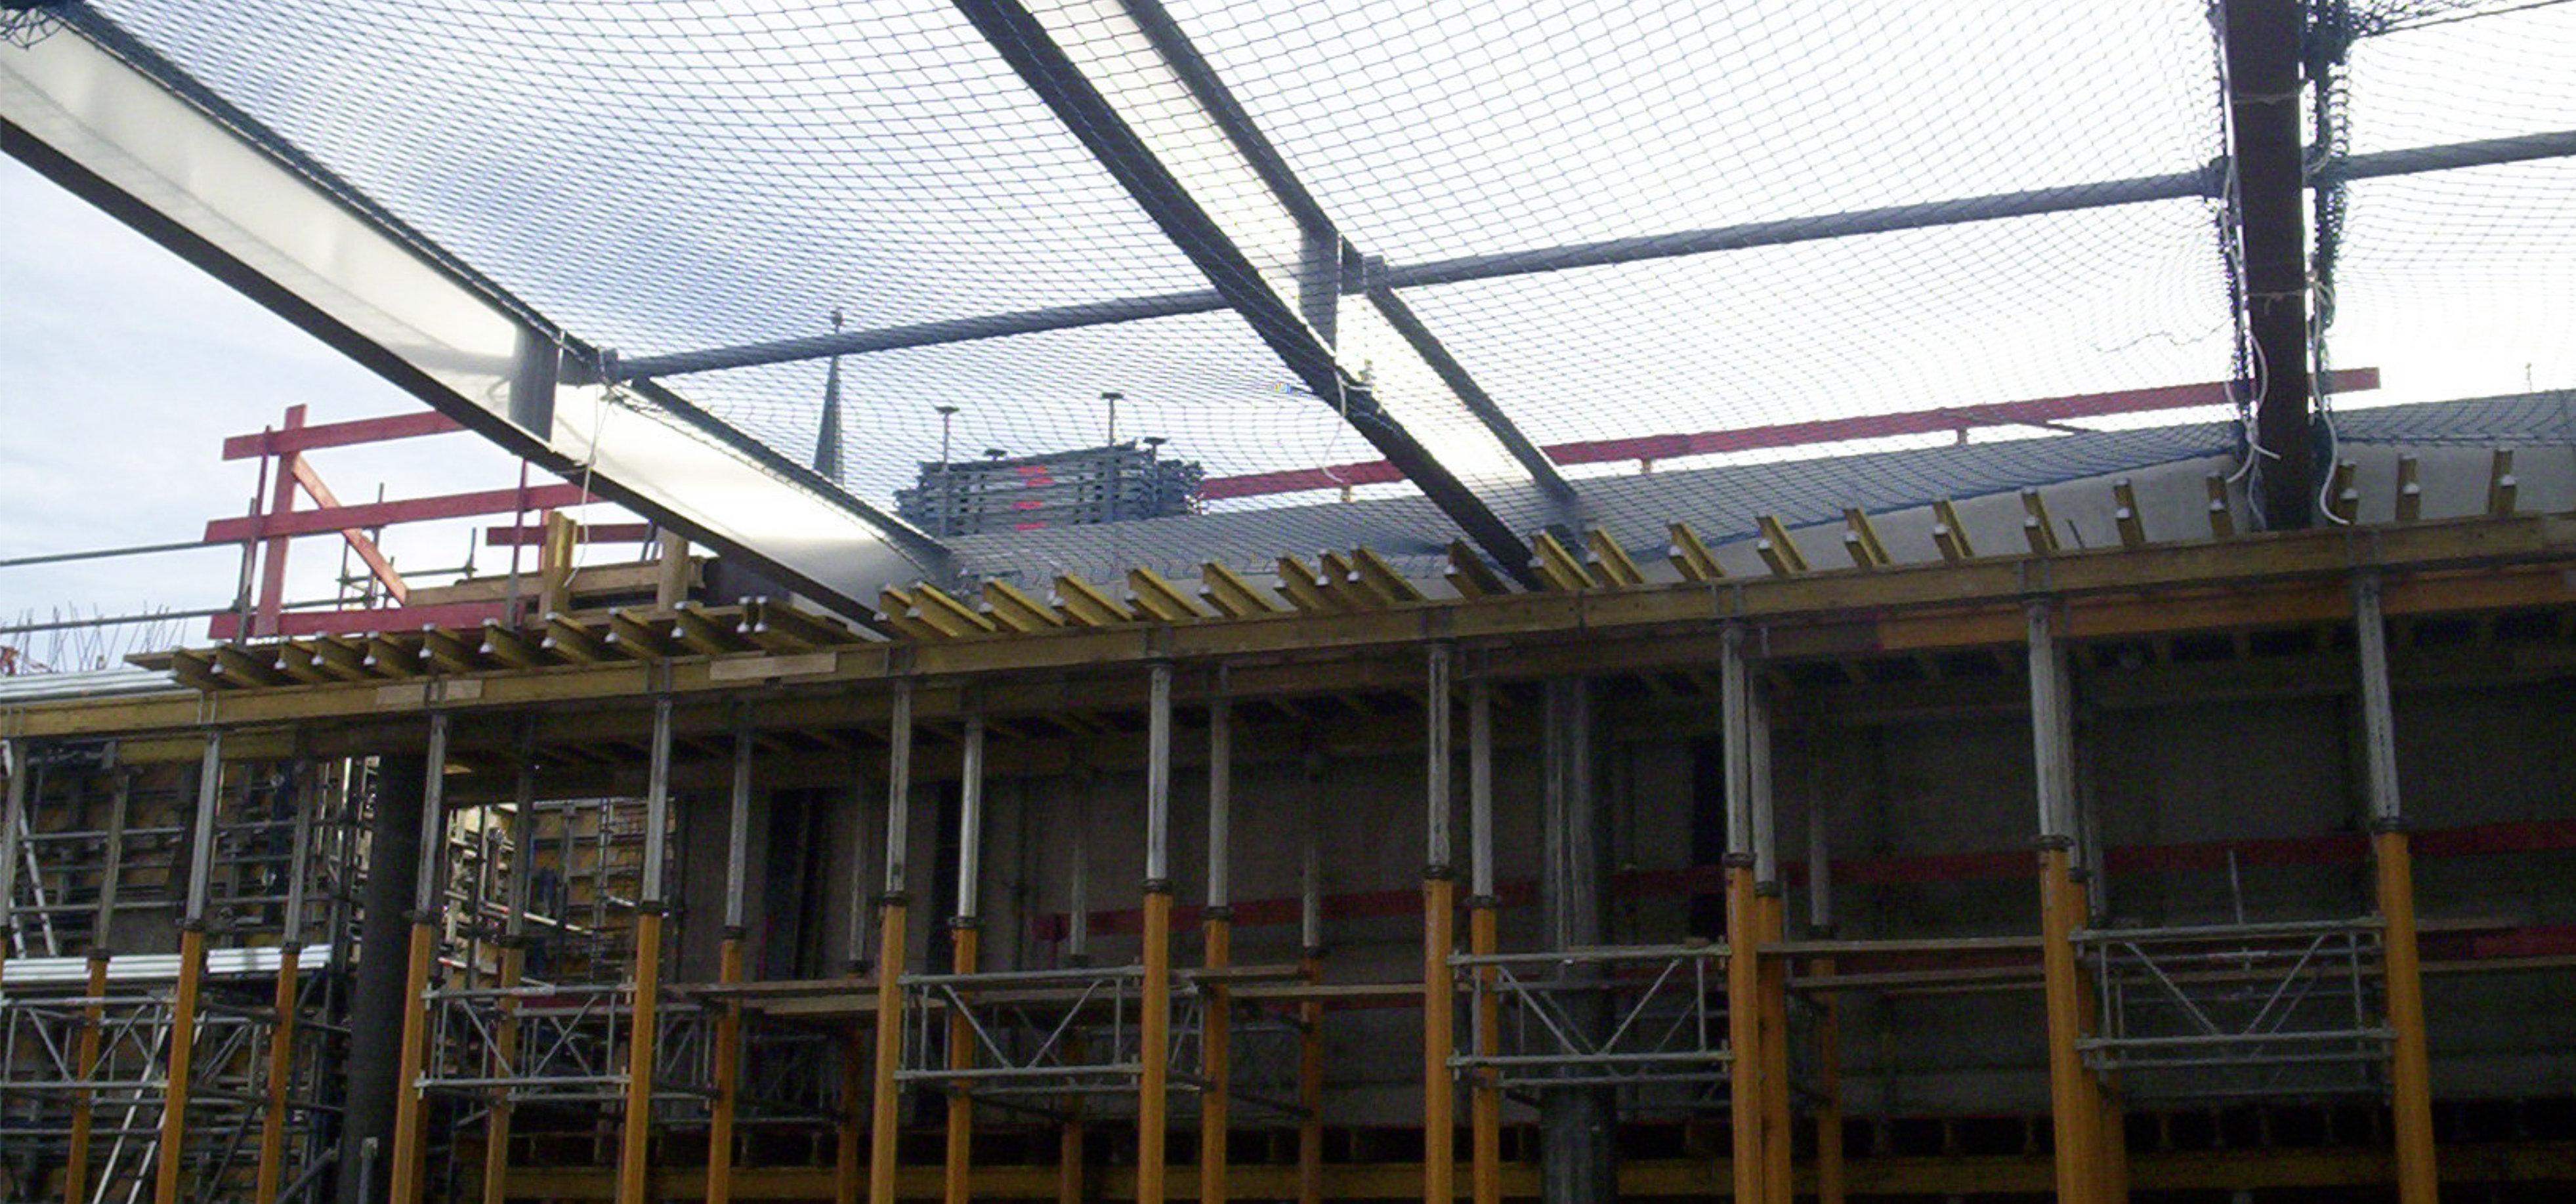 Schutznetze für den Bau des Fußballmuseums in Dortmund